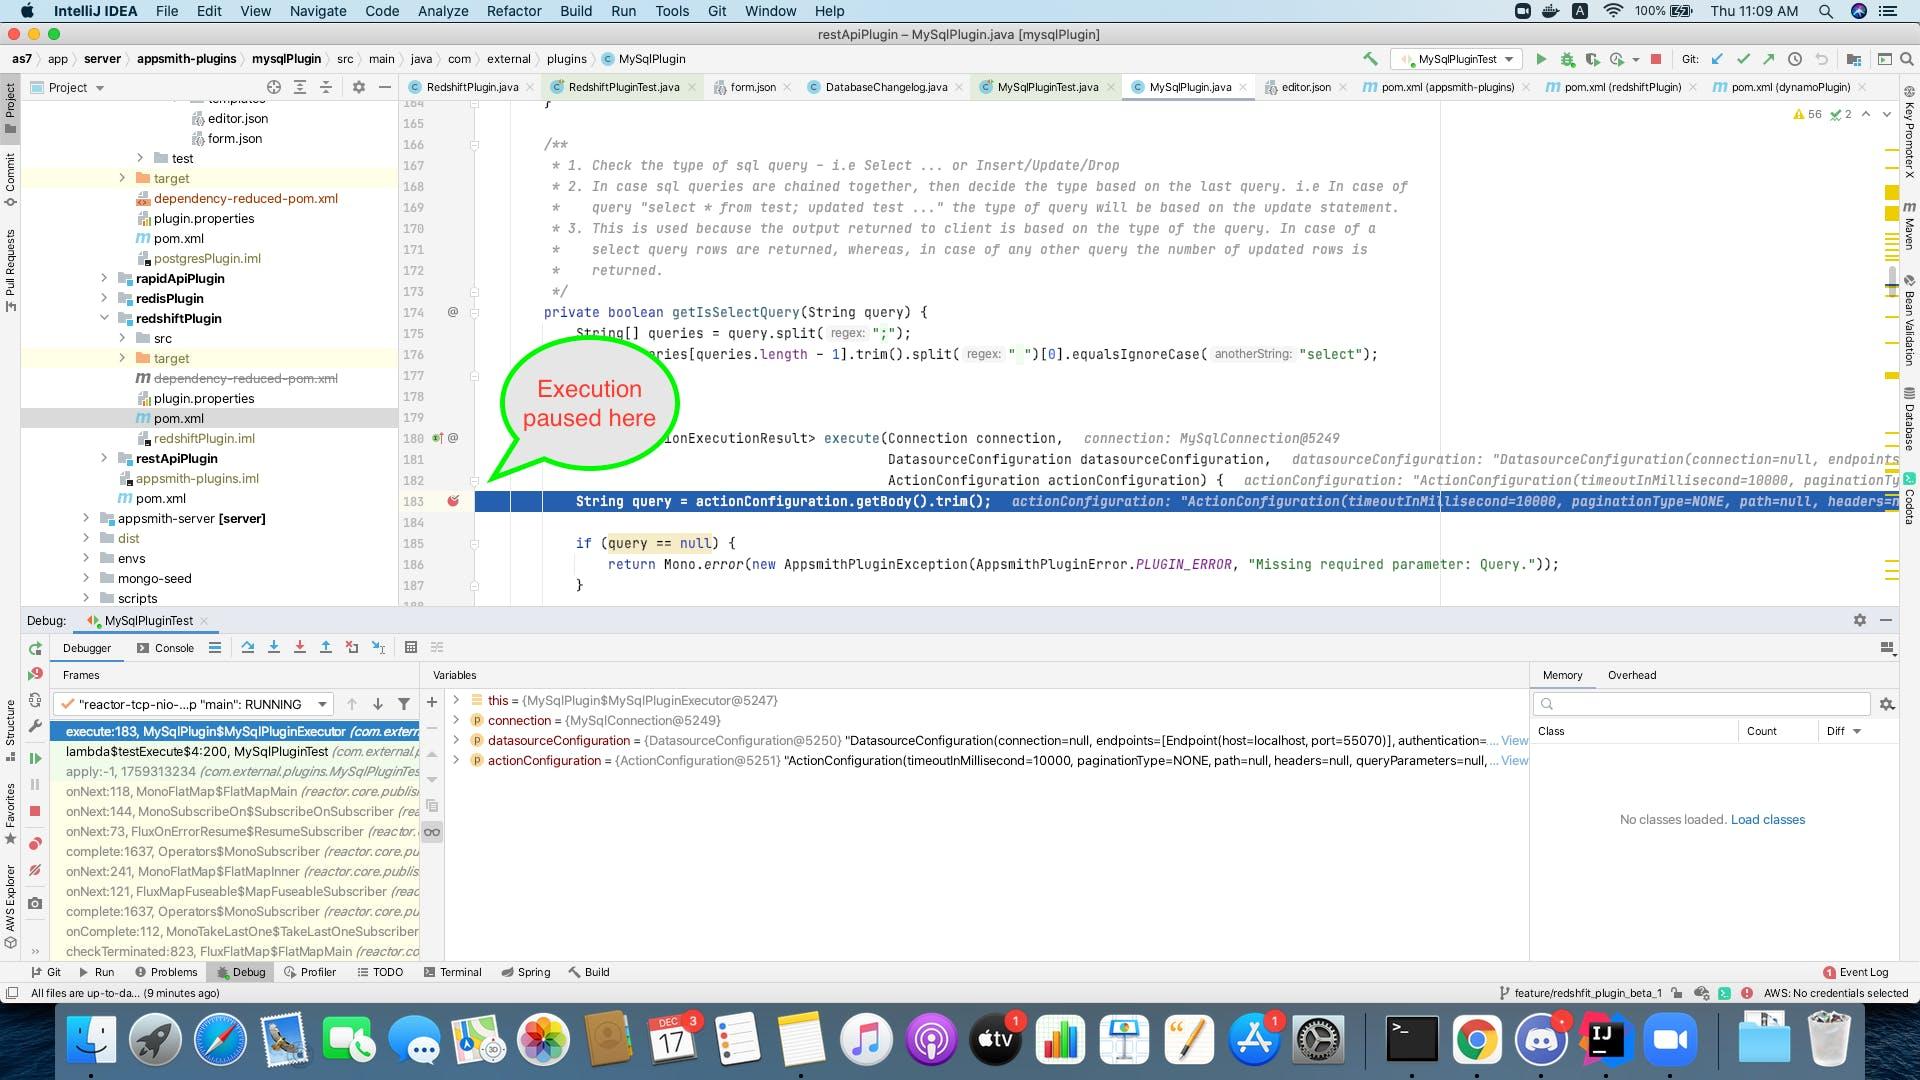 Screenshot 2020-12-17 at 11.09.16 AM.png